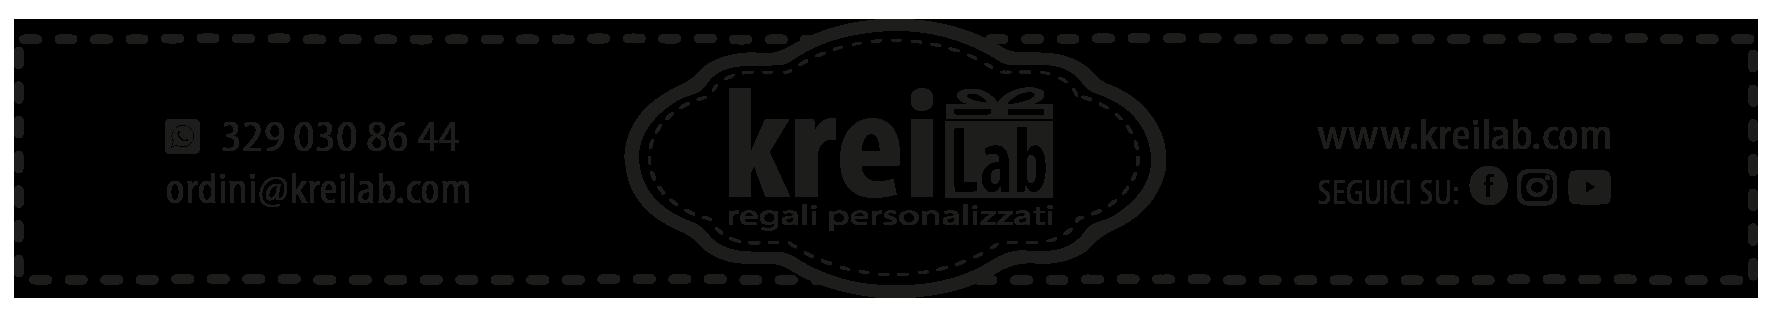 kreilab-avigliana-regali-personalizzati-stampa-foto-1